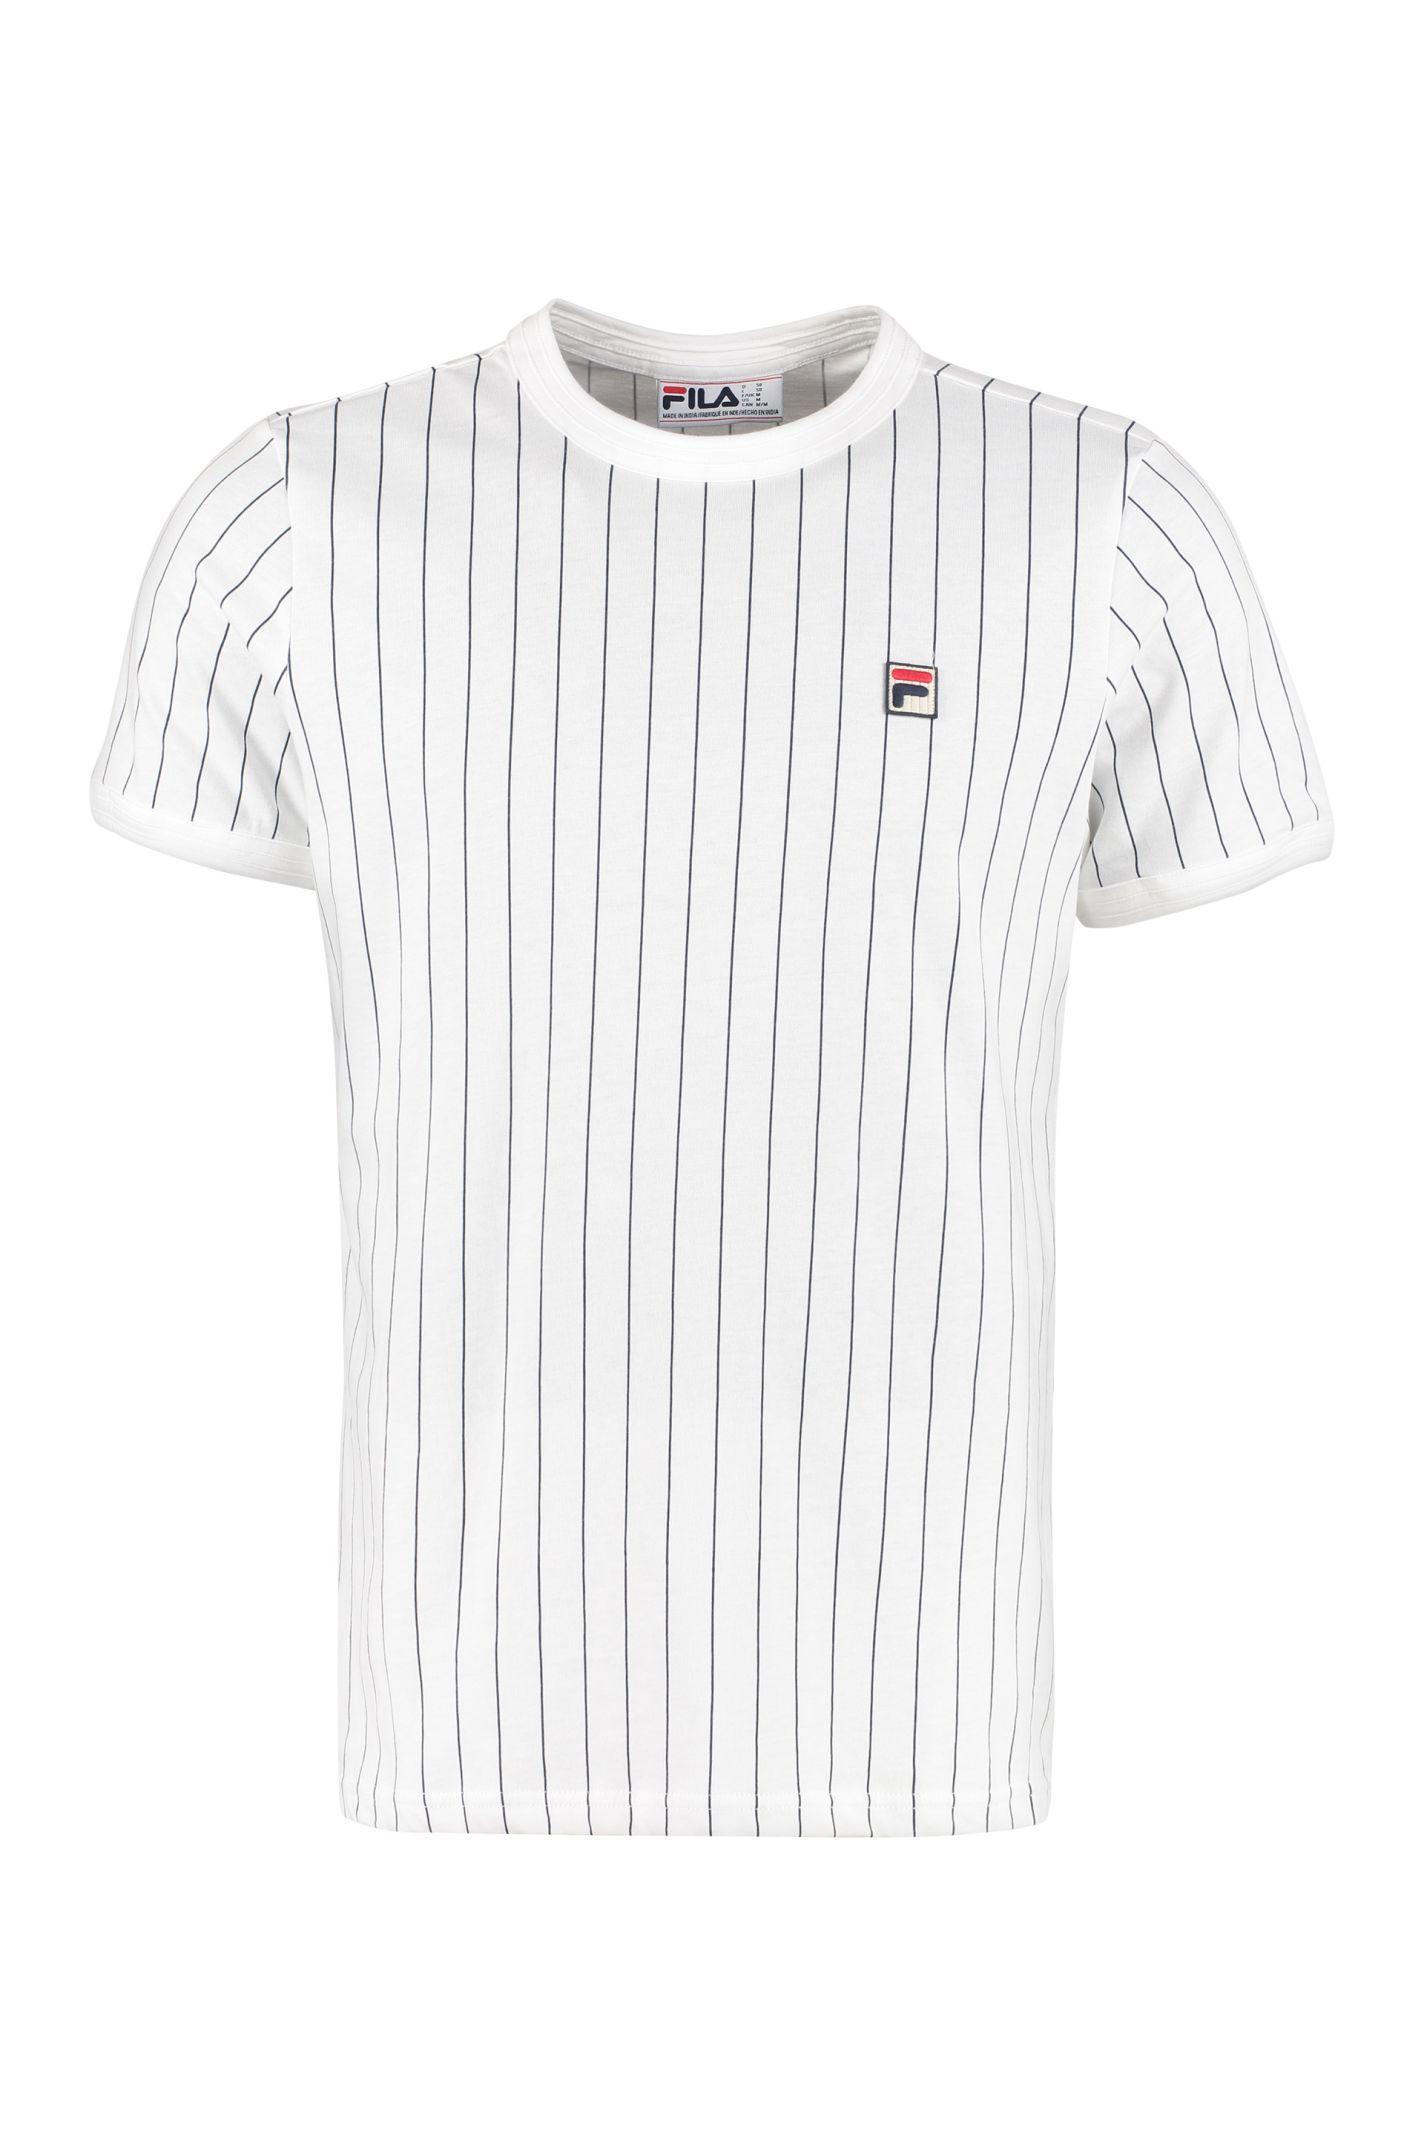 e105192016 Fila Fila Guilo Striped Cotton T-shirt - White - 10932203 | italist